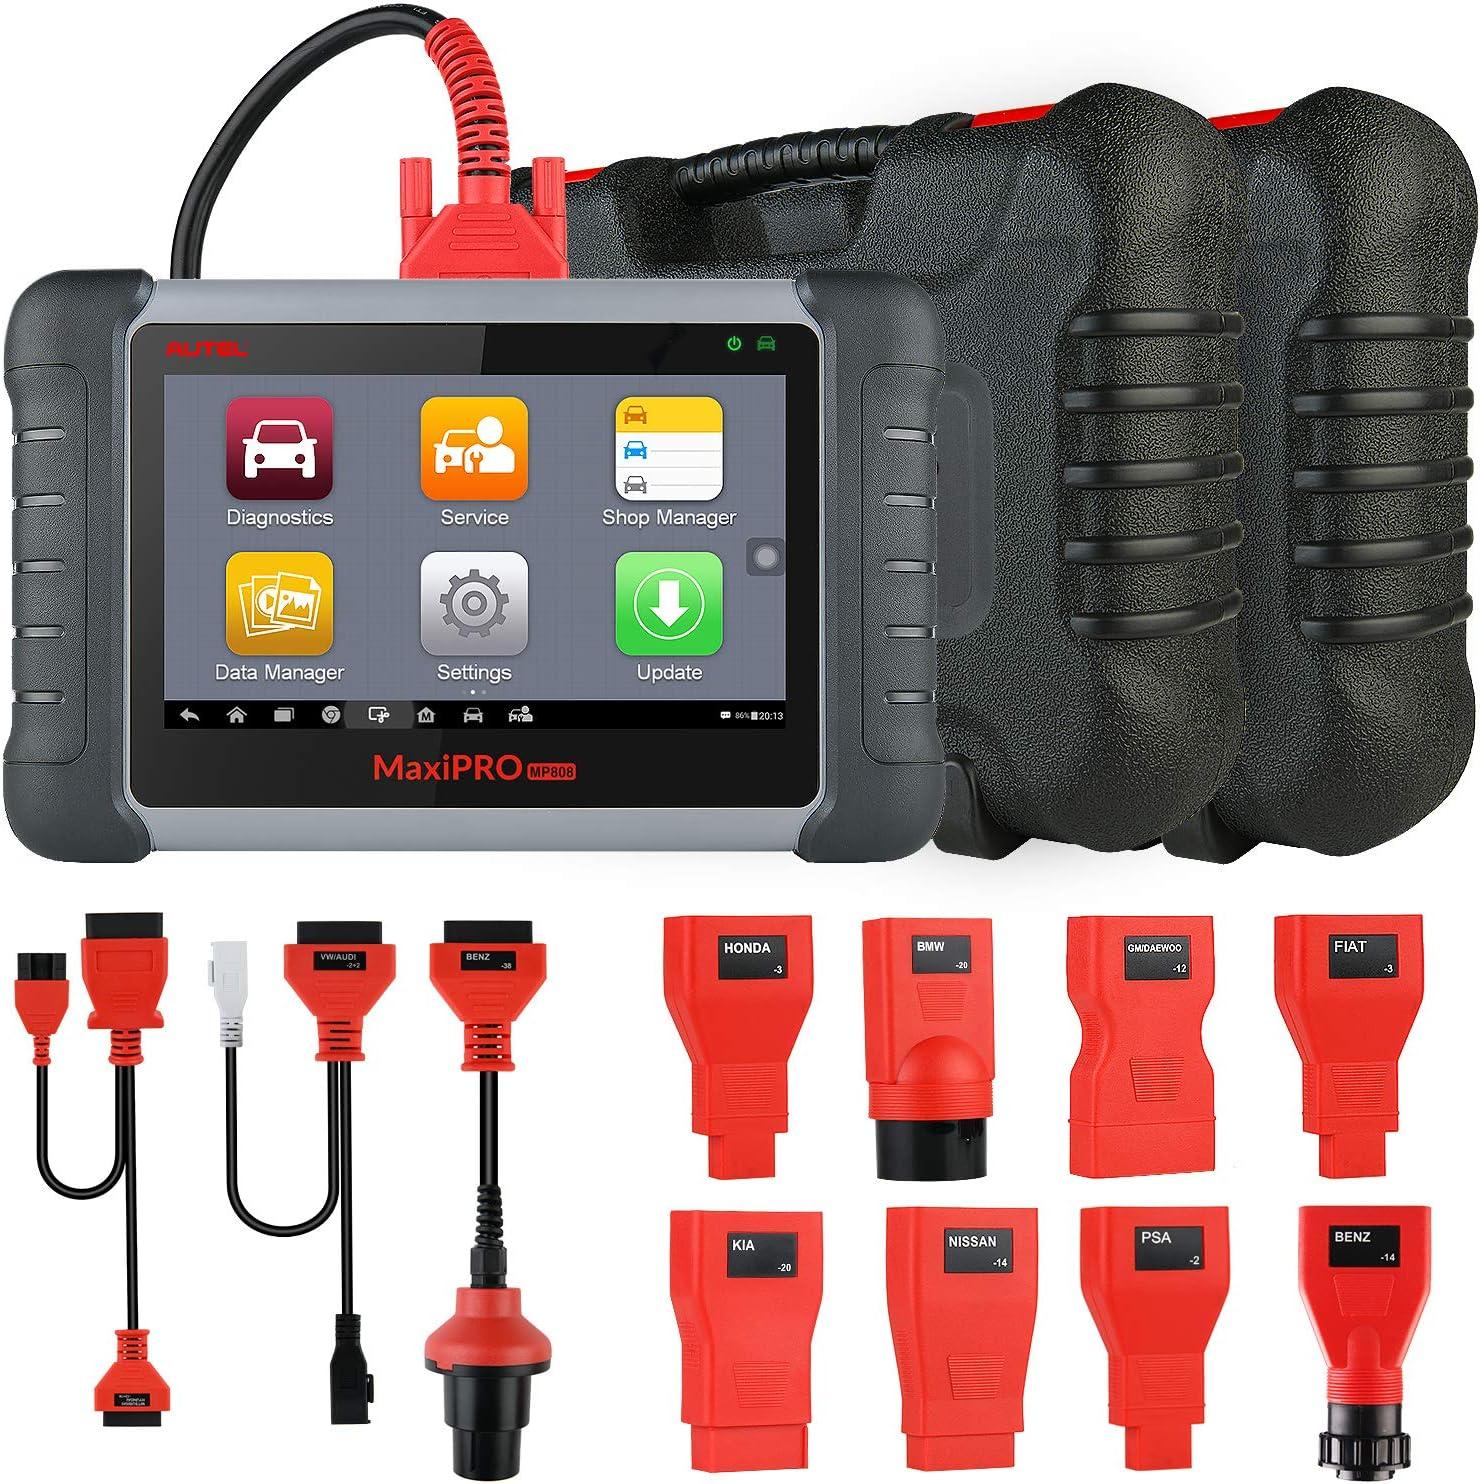 Autel MaxiPRO MP808K OBD2 Diagnósticos Coche Herramienta de Escáner(Diagnóstico de Nivel OE) 23 Servicios, Control Bidireccional/Prueba Activa/Codificación de Claves/AutoVIN, Avanzado de DS808, MP808